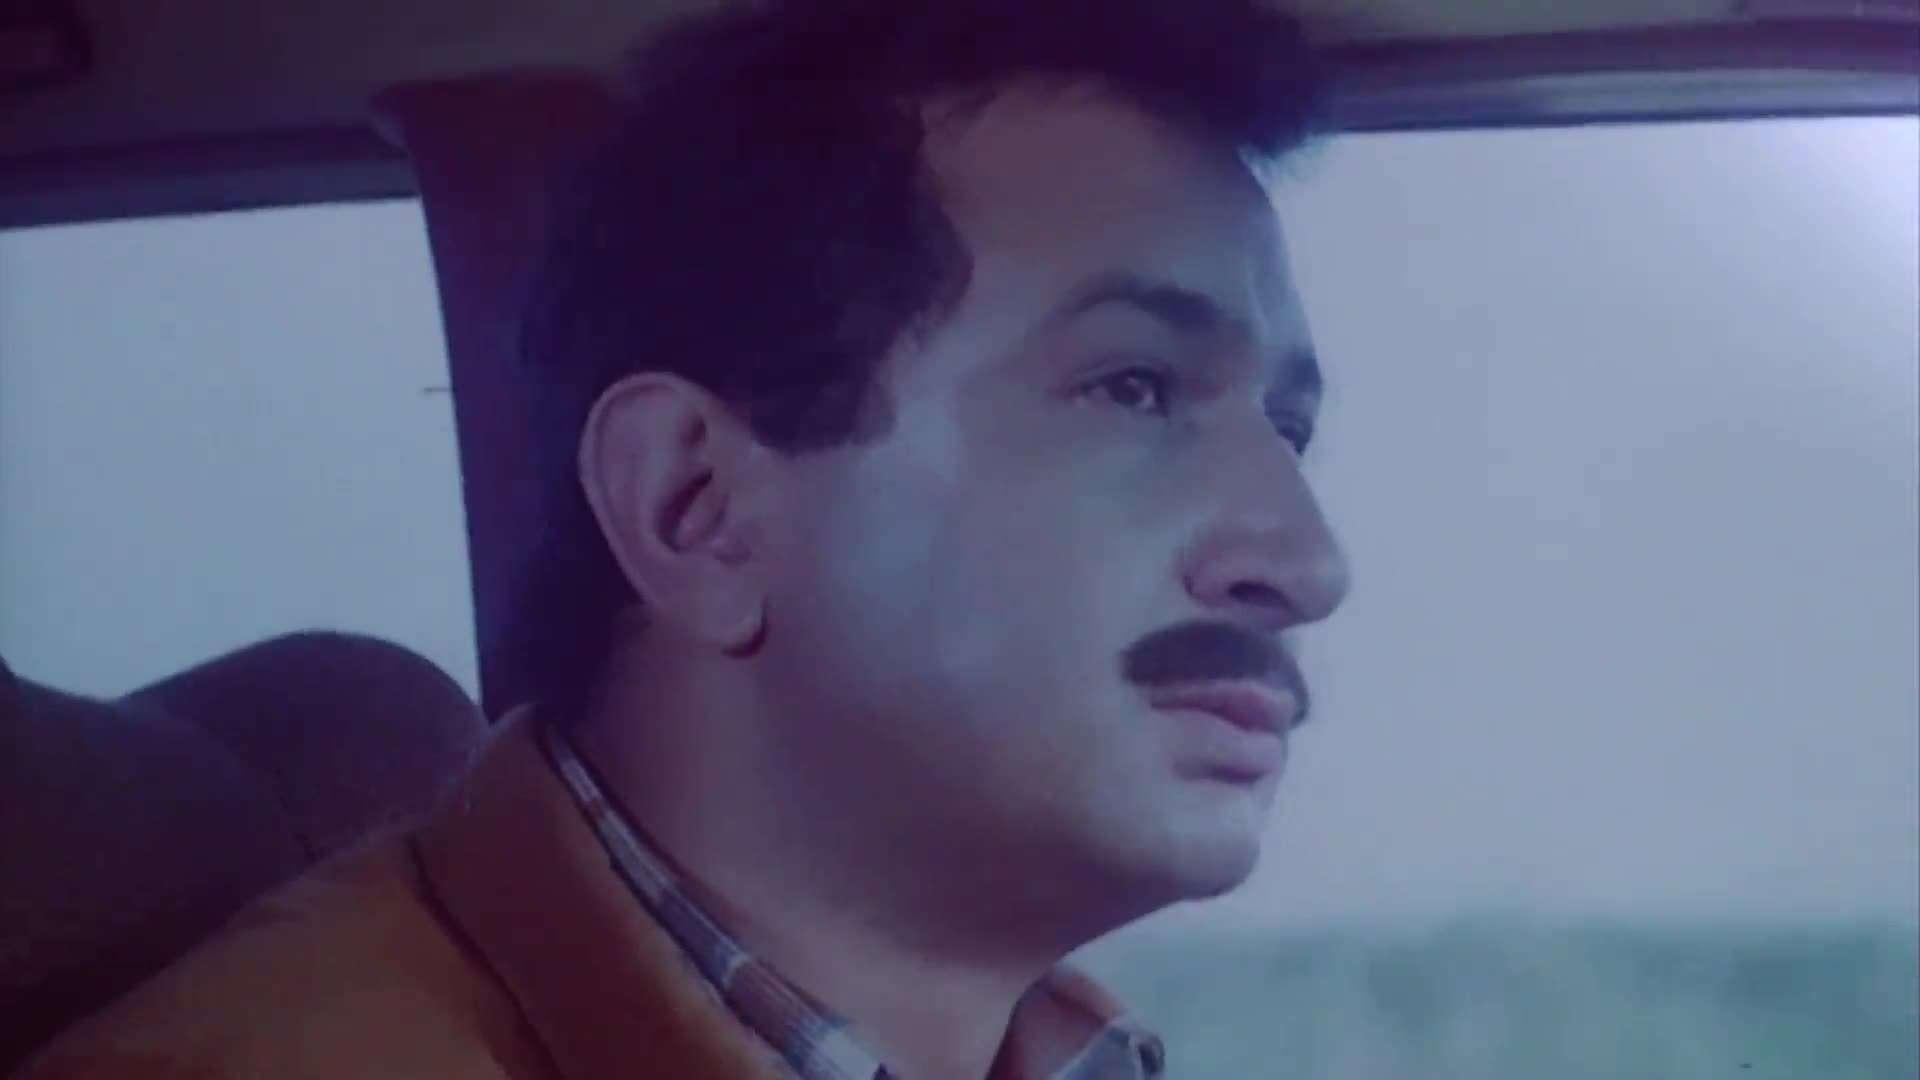 [فيلم][تورنت][تحميل][العار][1982][1080p][Web-DL] 10 arabp2p.com